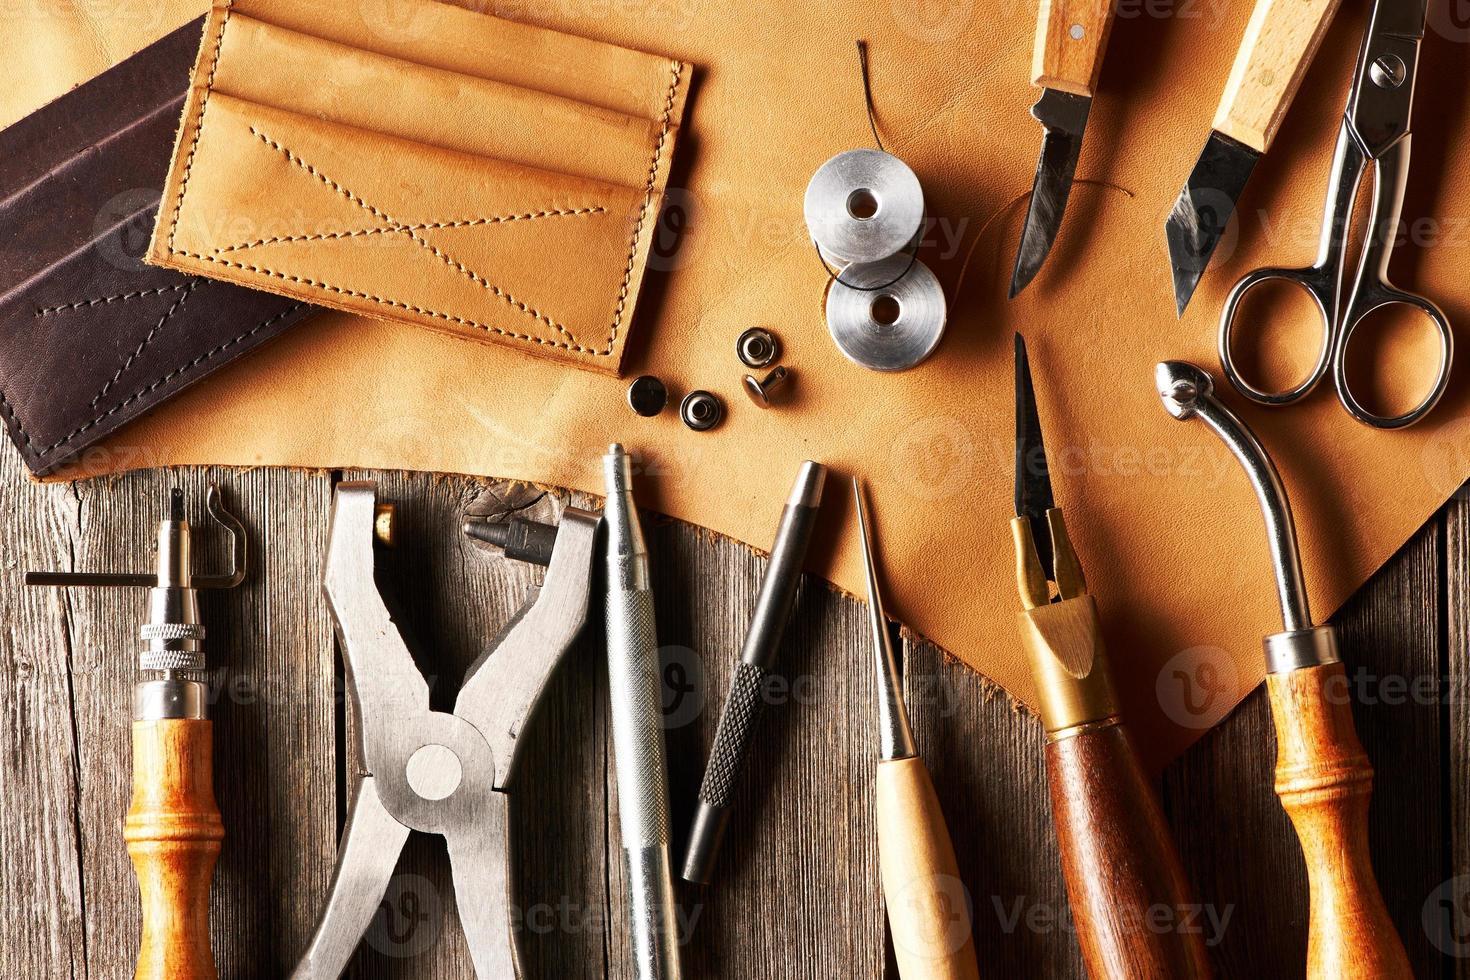 ferramentas de elaboração de couro foto